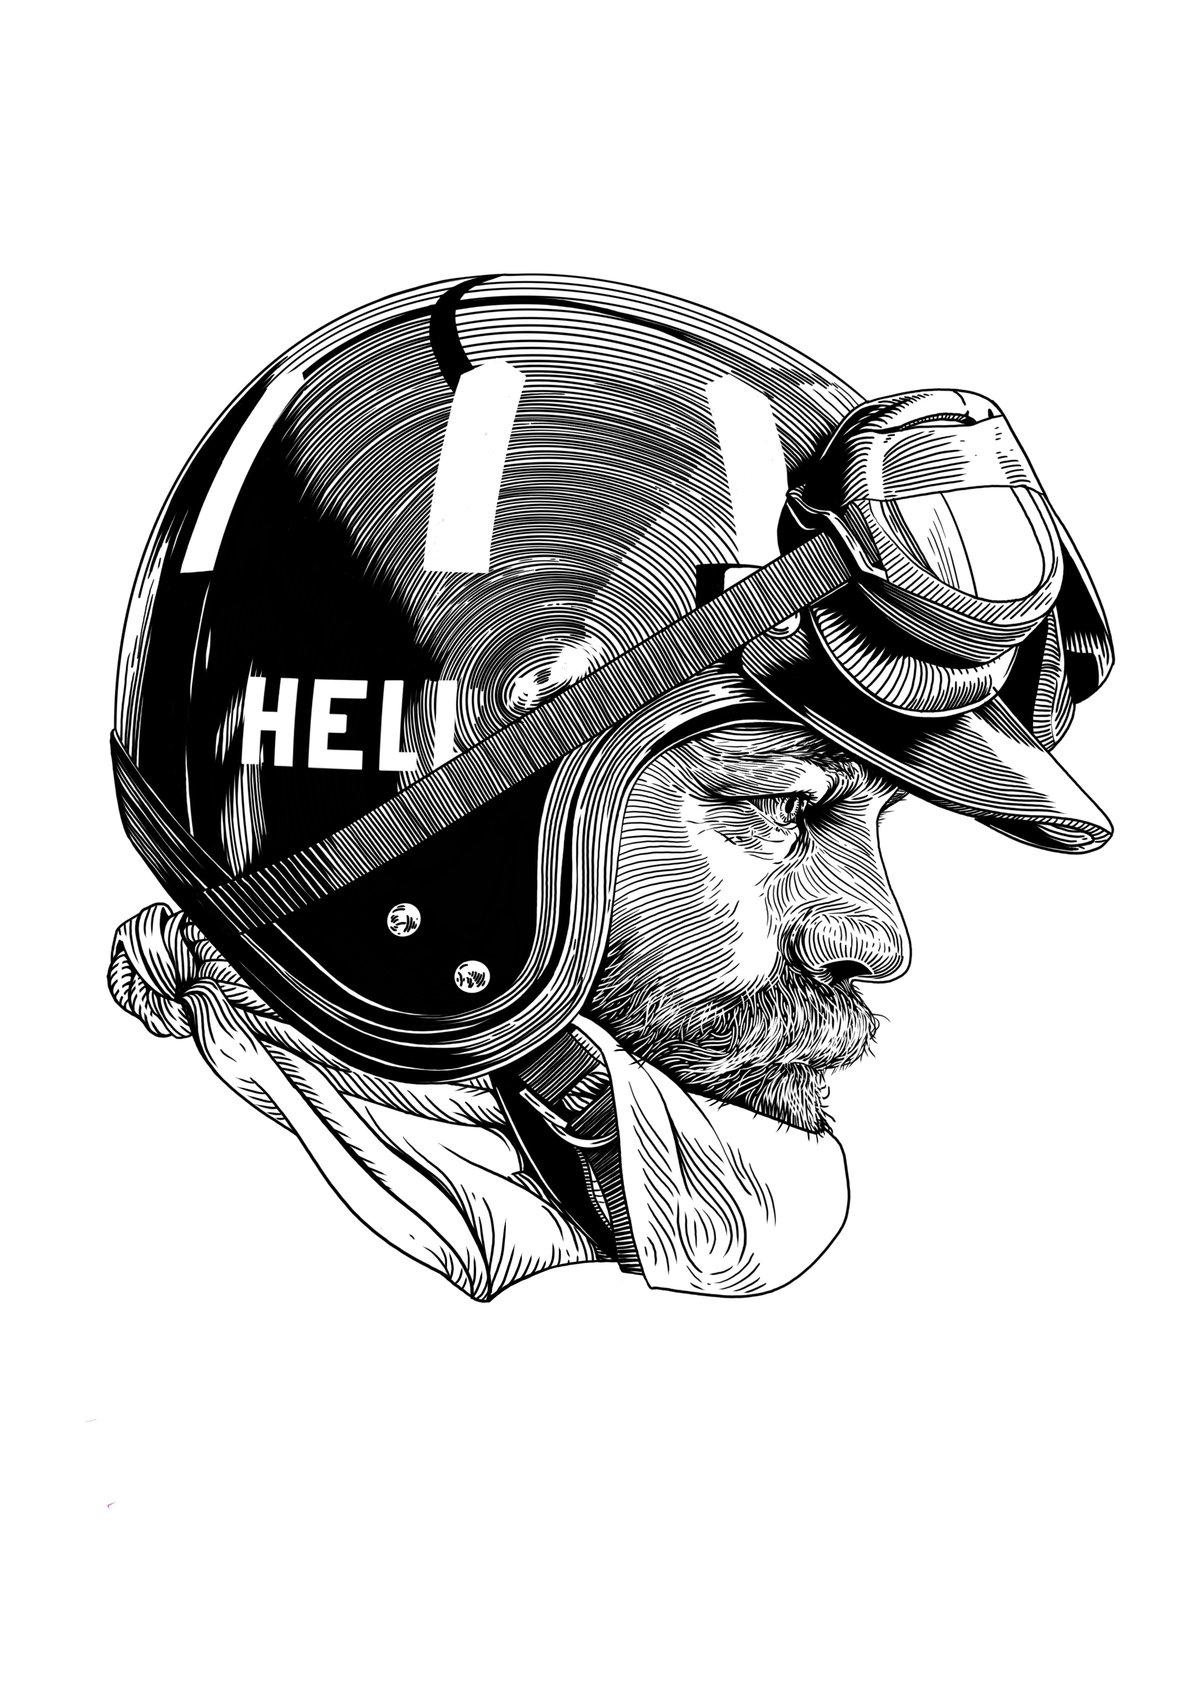 Image of Helmet number 4